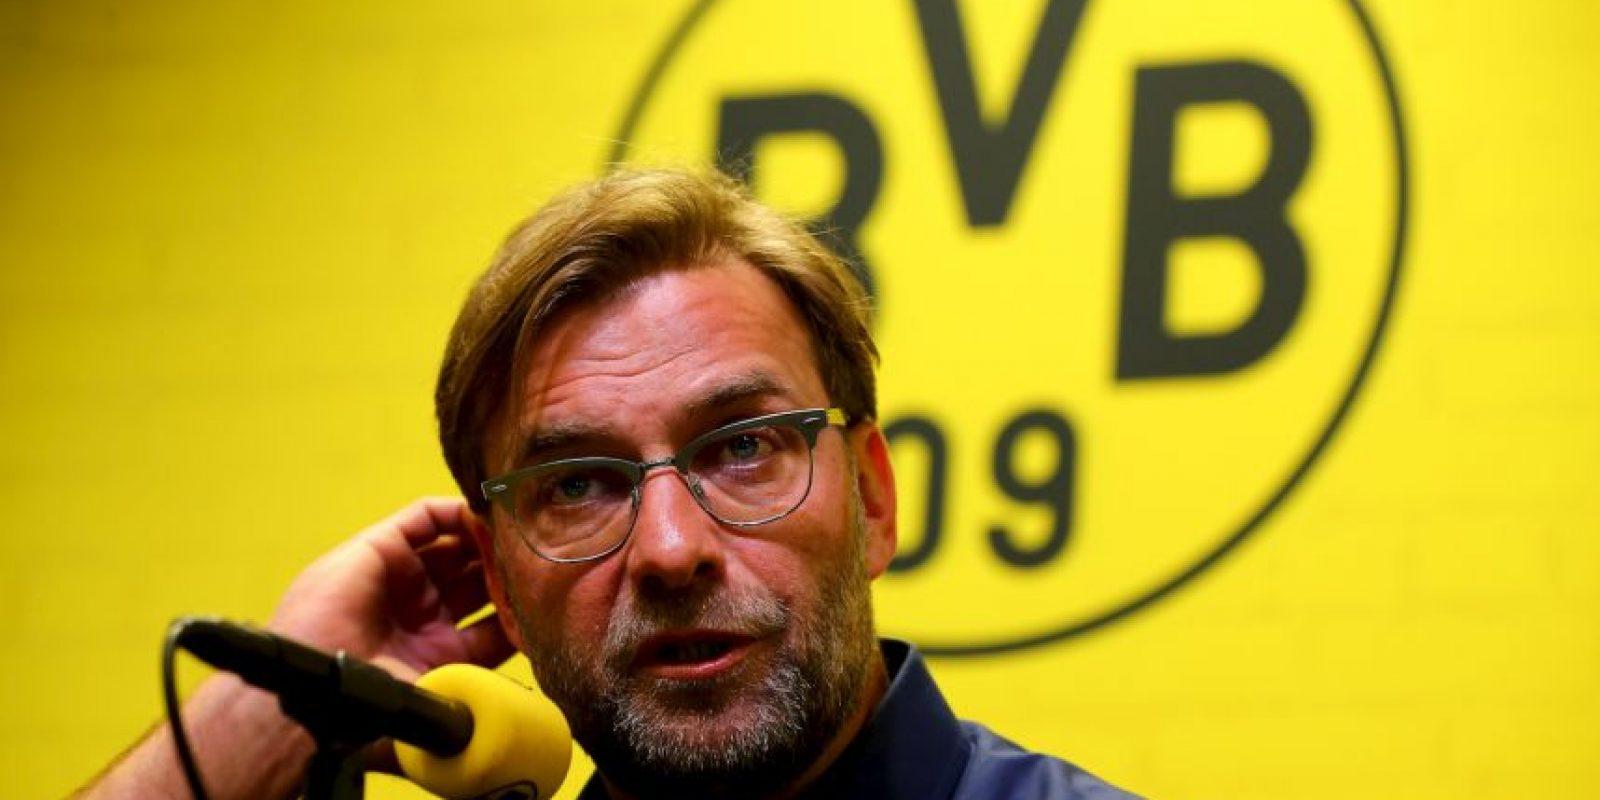 Además, hizo al equipo protagonista de la Champions League y los llevó a la final de la edición 2012-2013 en la cual cayeron ante el Bayern Munich por marcador 2-1. Foto:Getty Images